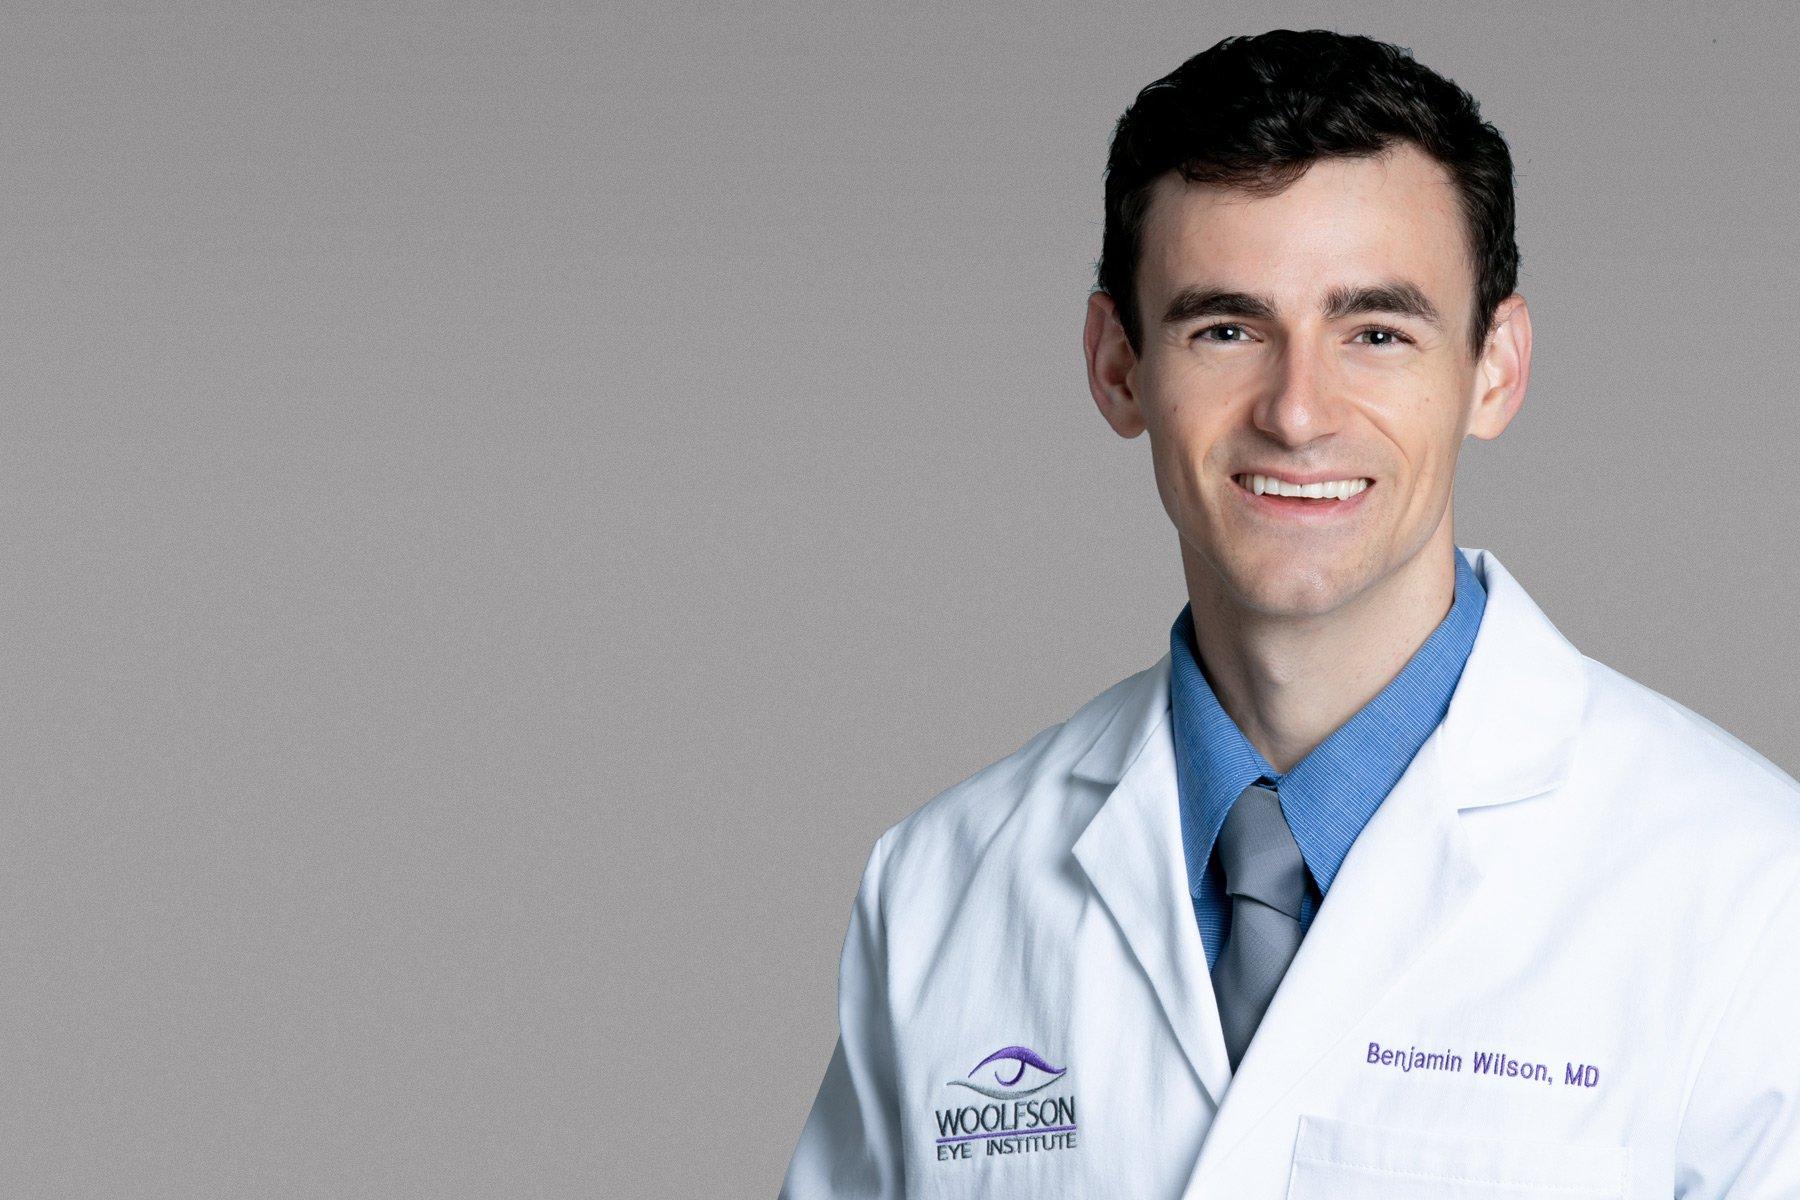 Benjamin Wilson, MD